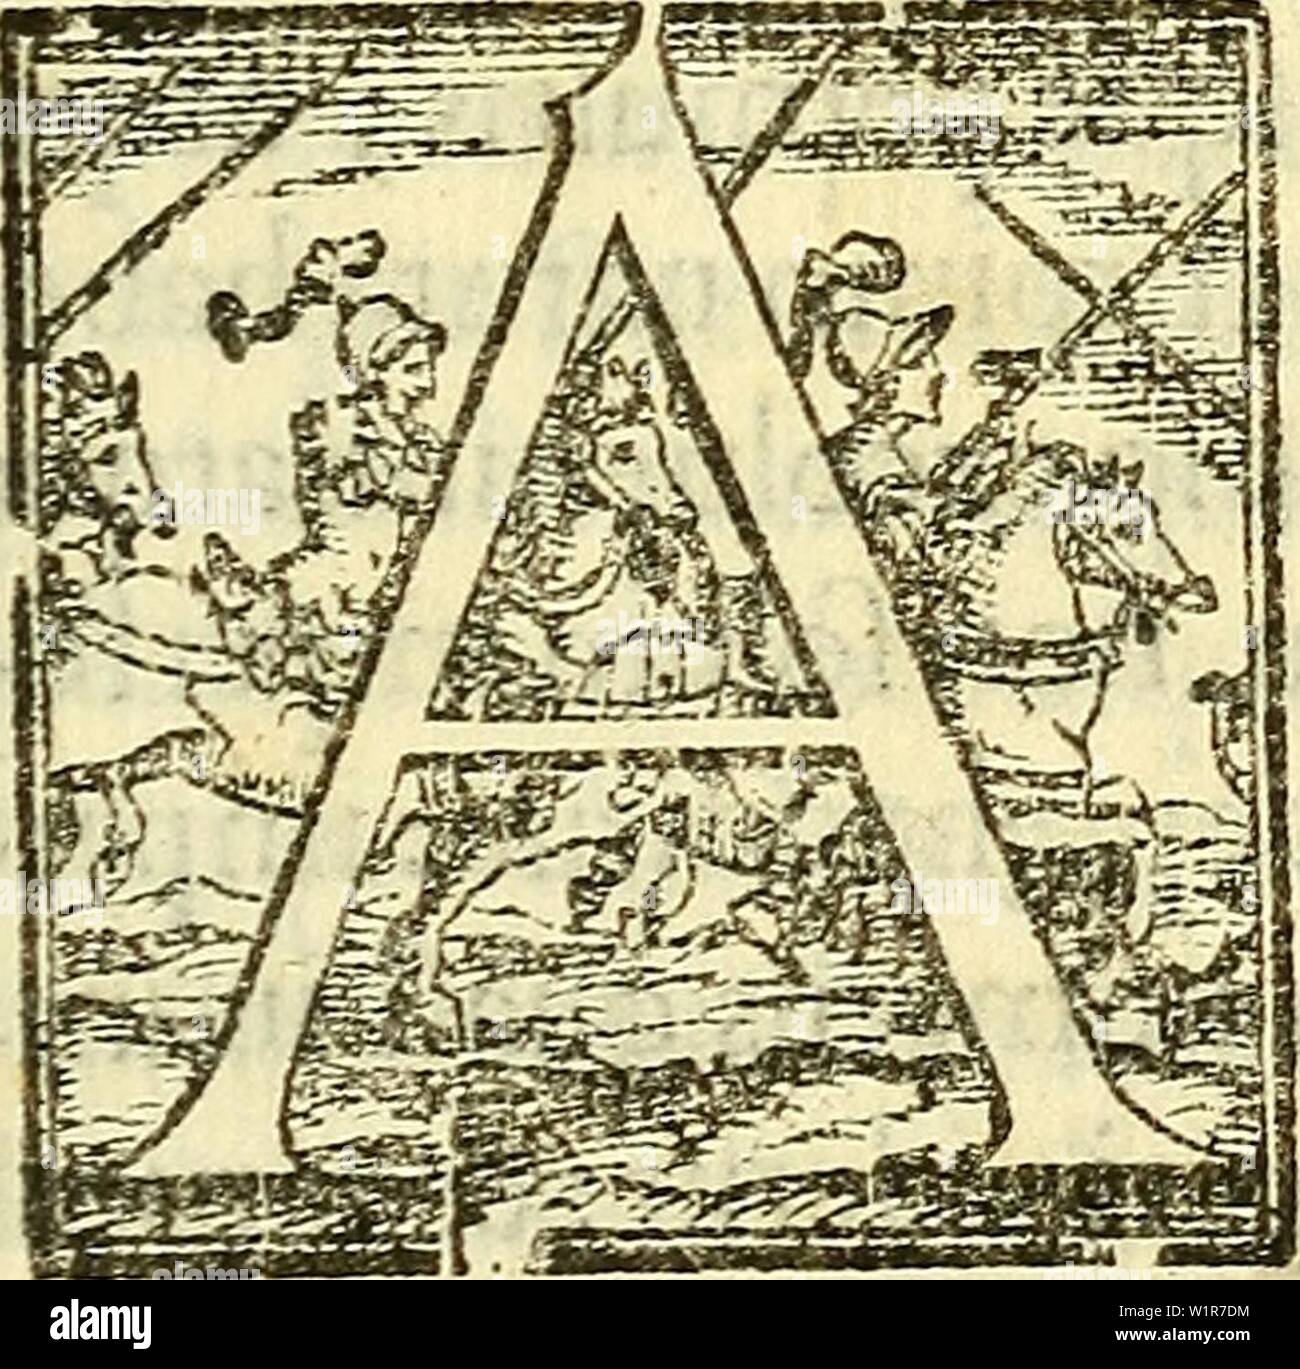 Archive image from page 6 of De plantis libri XVI (1583). De plantis libri XVI  deplantislibrixv00cesa Year: 1583 SERENISSIMO FRANCISCO MEDICI MAGNO AETRVRIAE D V C L Anircas Cflpnus S. ?. T>.    D MIR A BILIS fapientia,Sere- niffime Dux Magne,qua vniuer (I natura gubernatar ac regitur-, mere dibil 1 rerum vanetate, ac pulchritudine ludit in orbe ter- rarum: fiue enim animalium dif ferentias, partes , ac mores fpe- cleinus : fiue itirpium genera, formas, ac vires intueamur: fiue tandem corpora in vi- fcenbus terre, Iatitantiaperfcrutemur: lnomnibusim- menfum quid,cjuod inexhauitam fipient - Stock Image